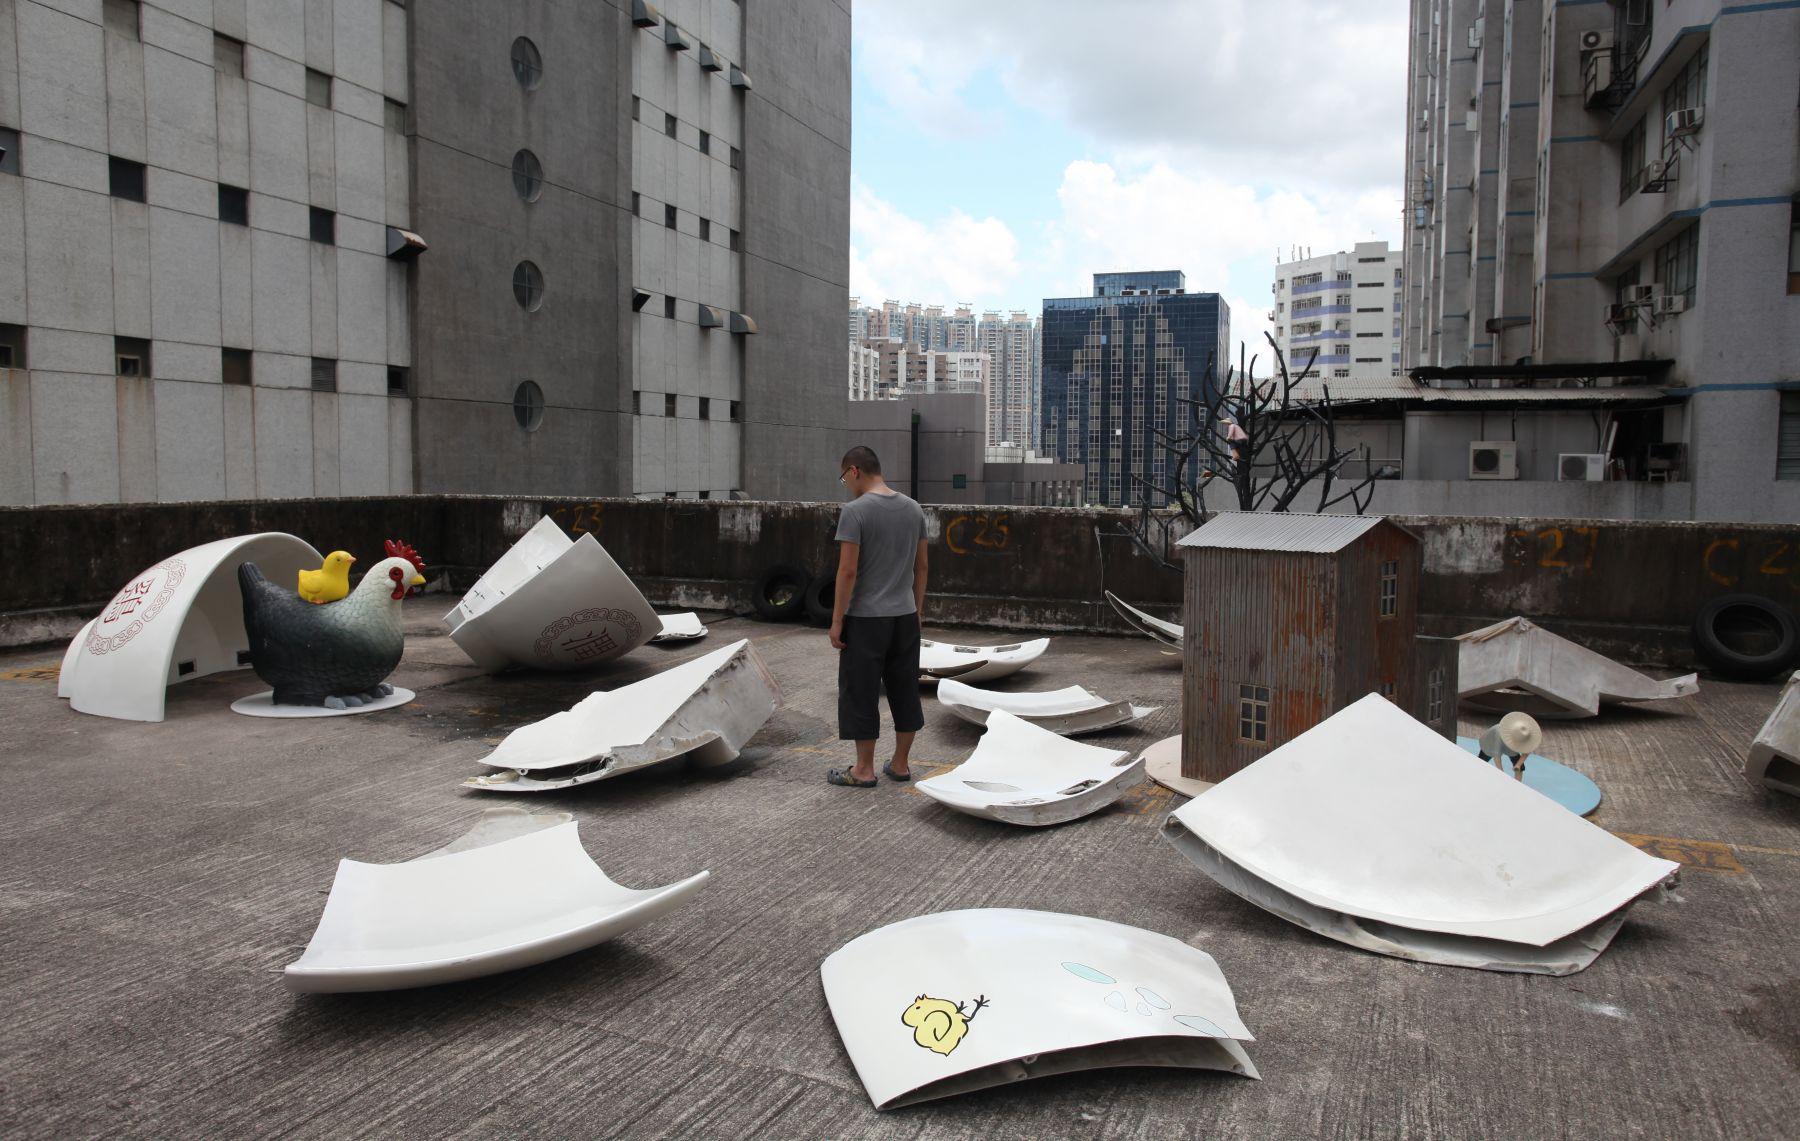 """Being disappeared -Disappeared Hong Kong Art (3)è¢«æ¶ˆå¤±ï¼æ¶ˆå¤±çš""""香港藝術 (三), 2003"""